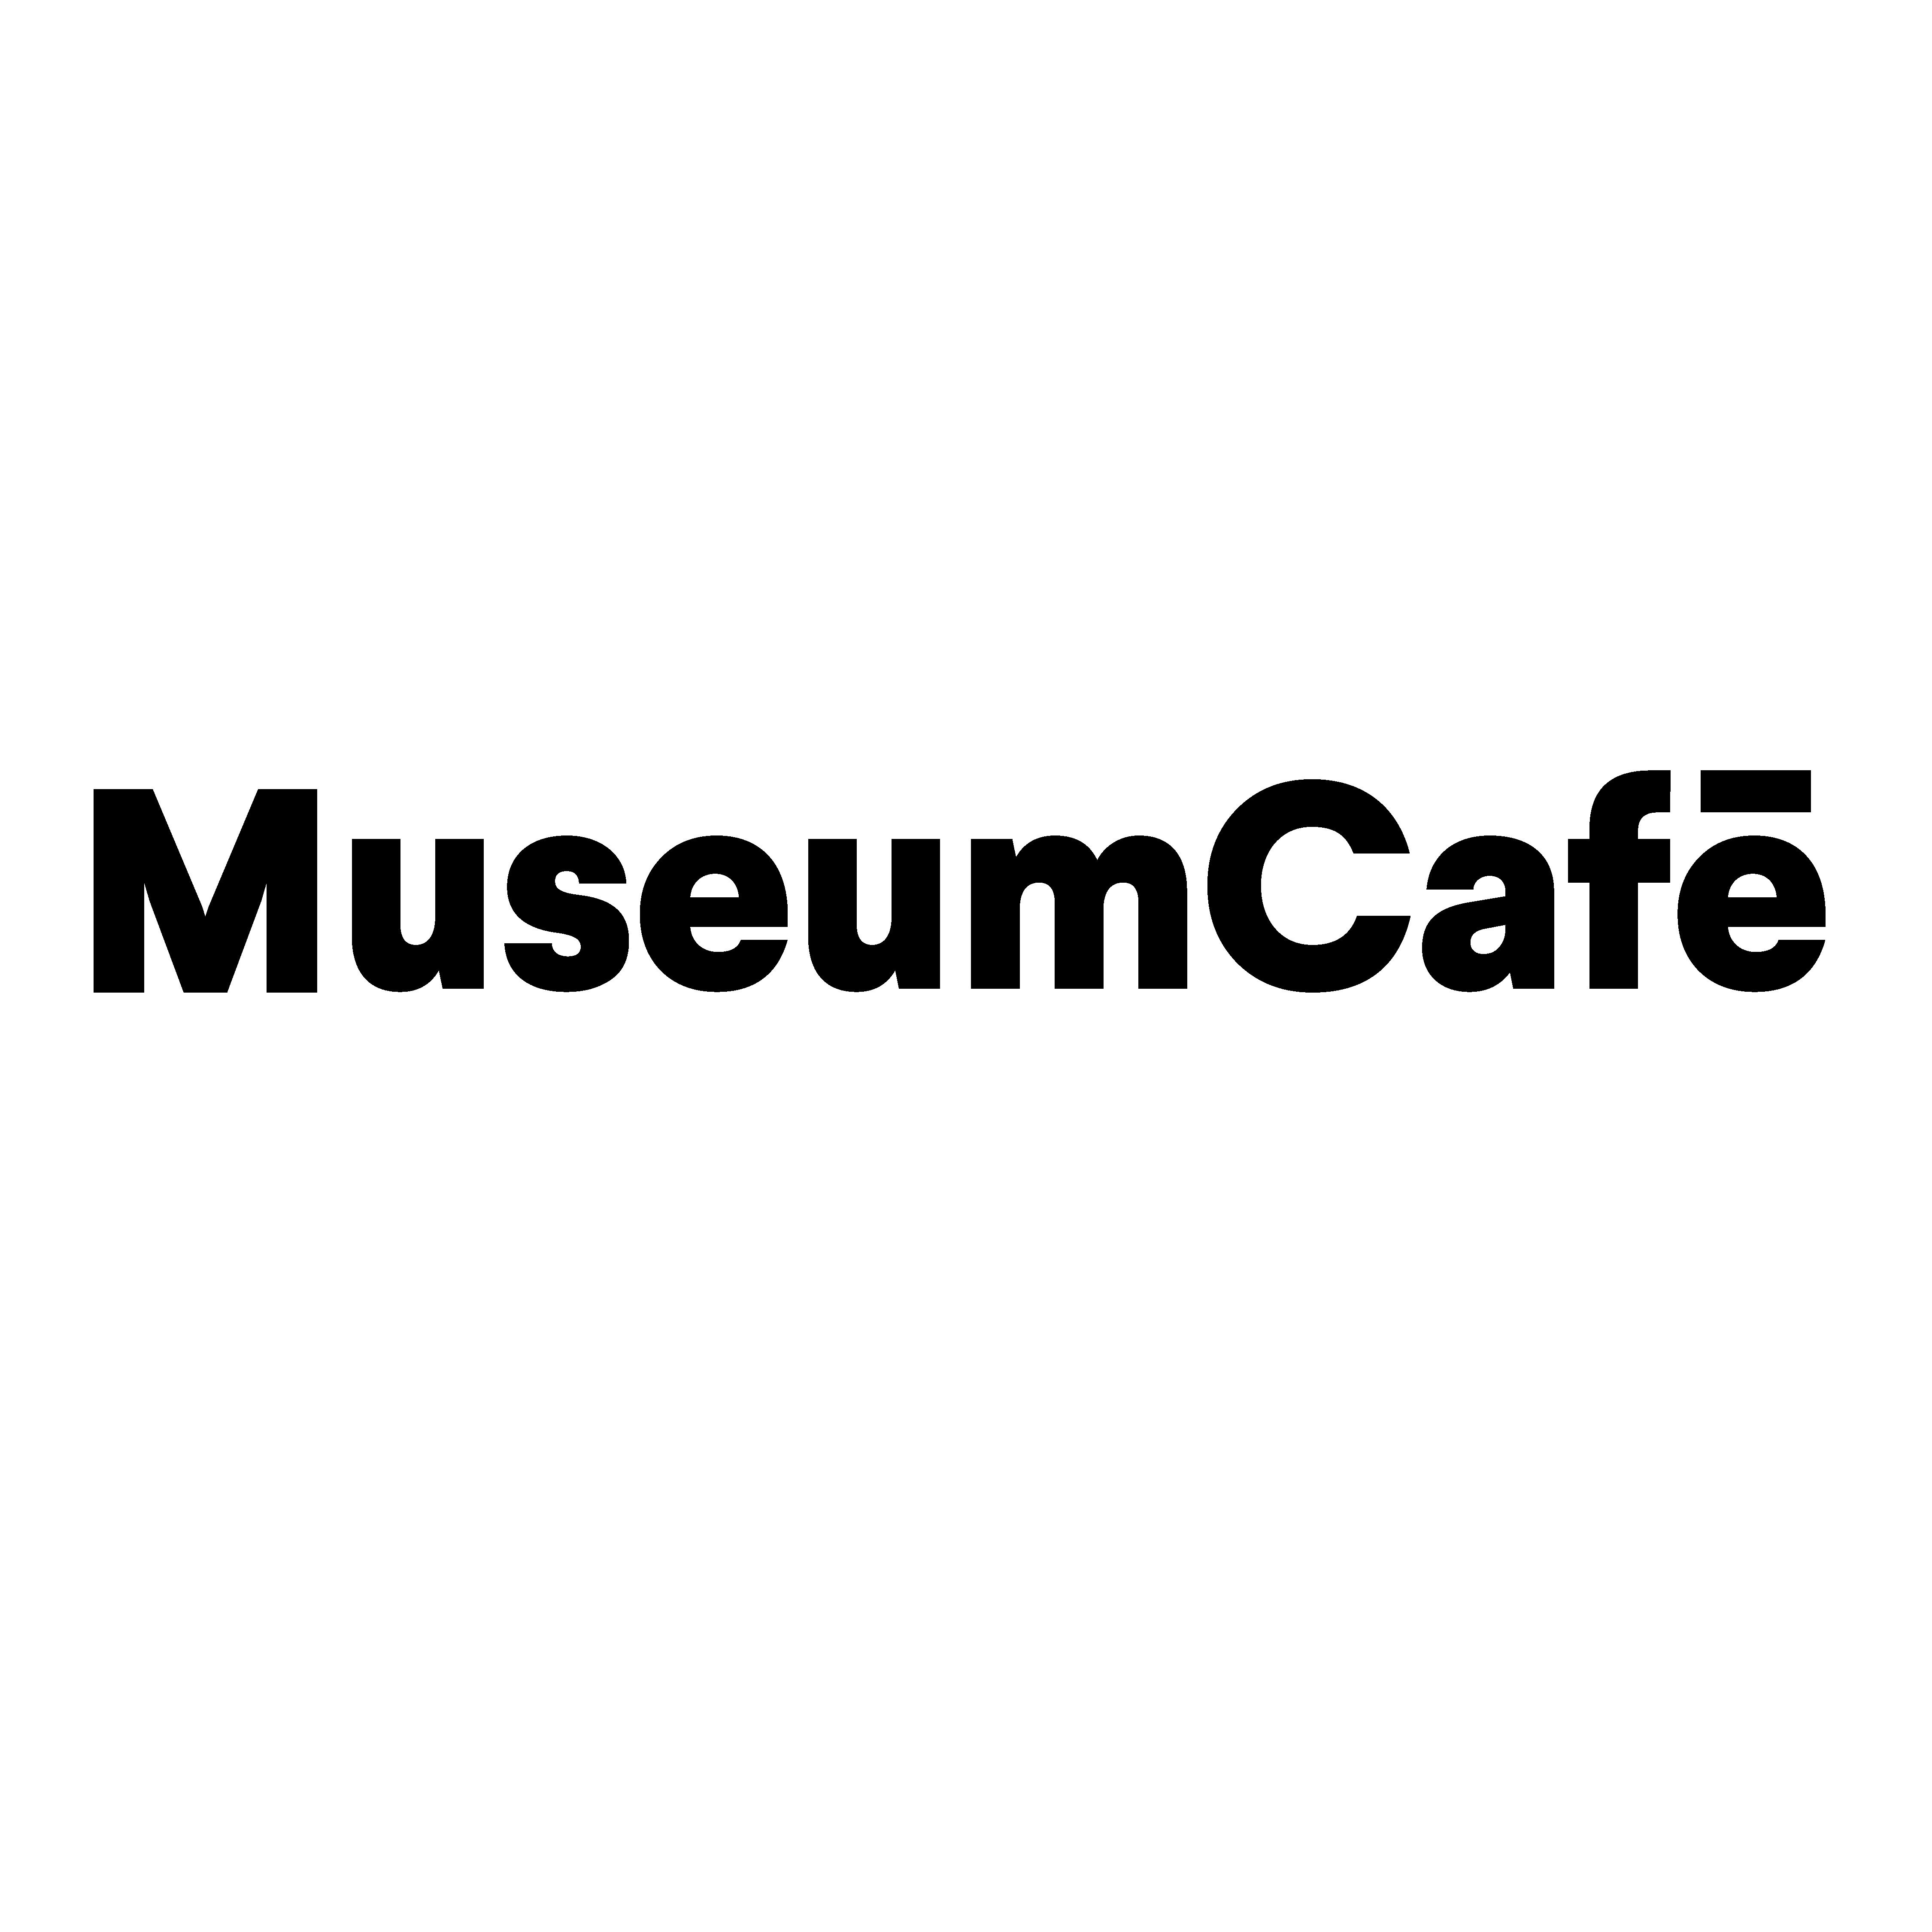 museumcafe-logo